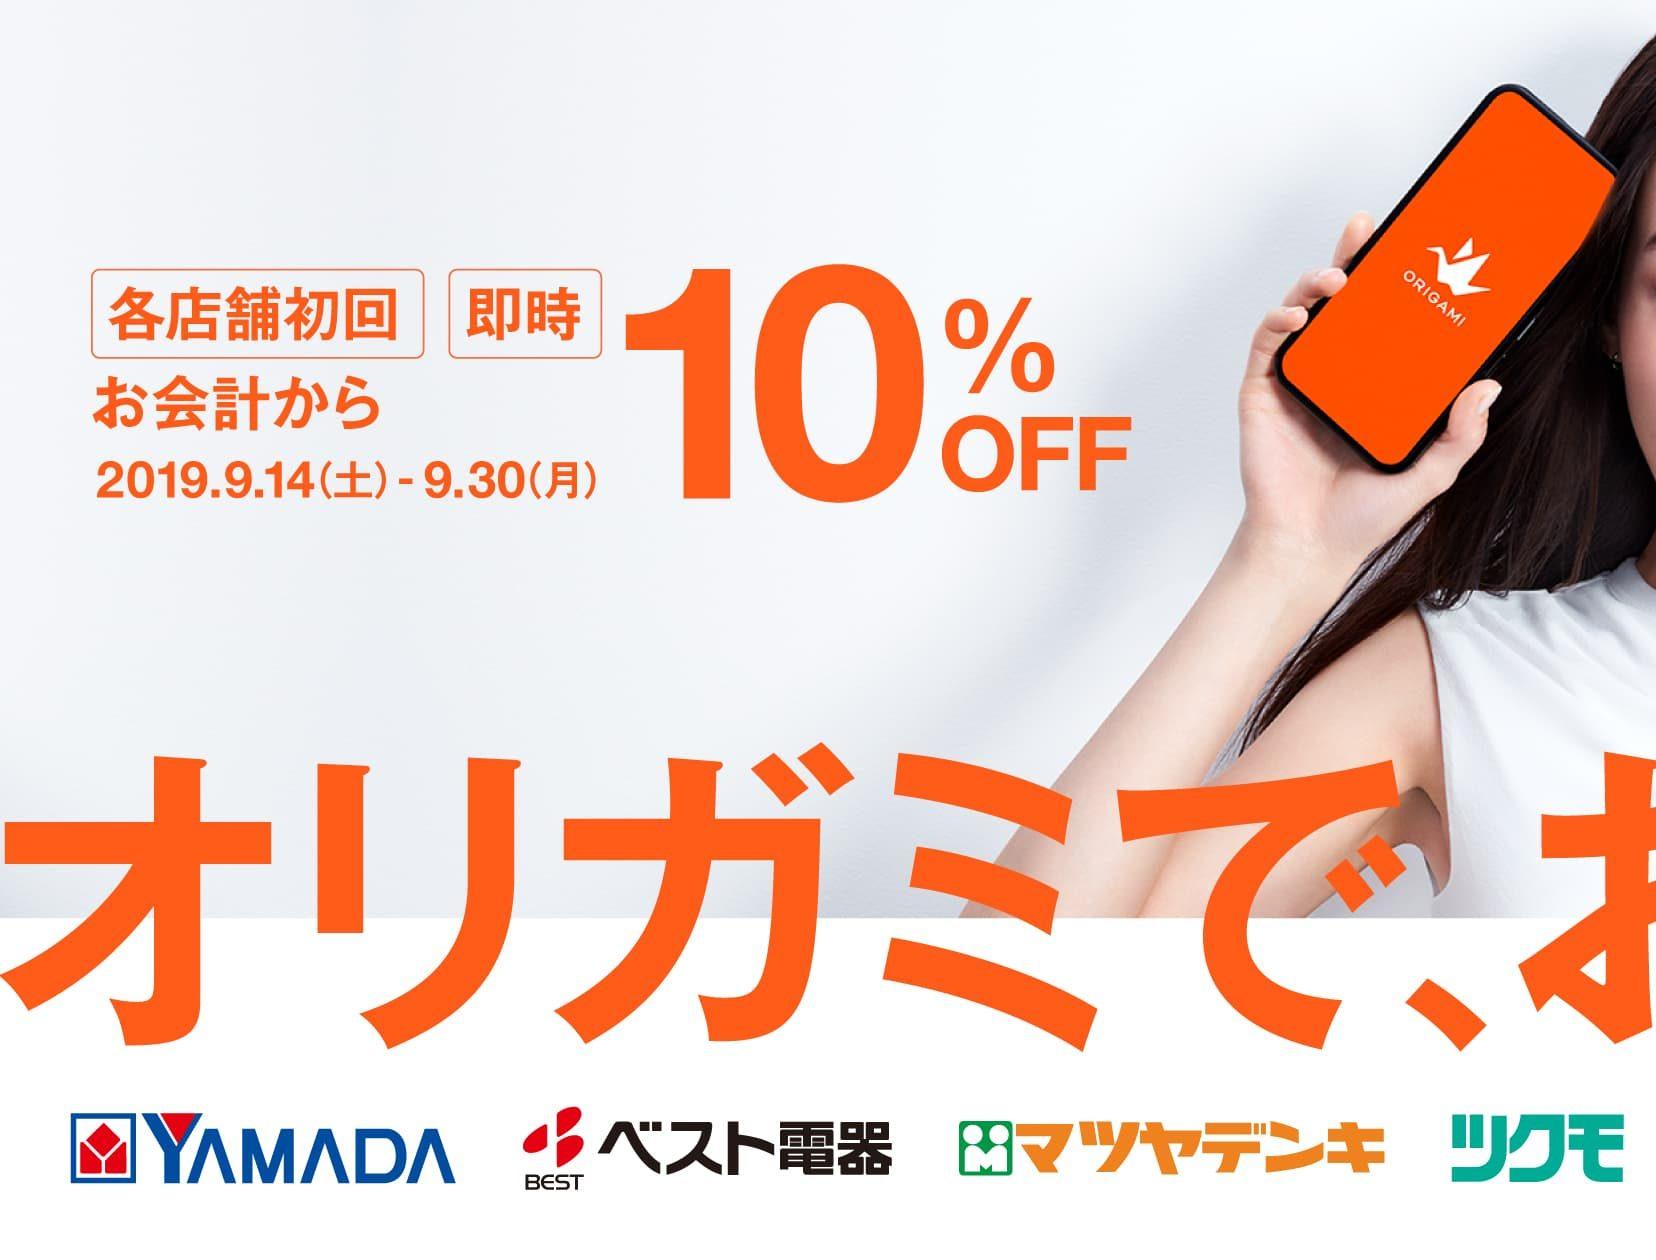 OrigamiPayがヤマダ電機やベスト電器、ツクモで利用開始。初めて支払いが10%OFF。ハシゴすればOK。9/14~9/30。